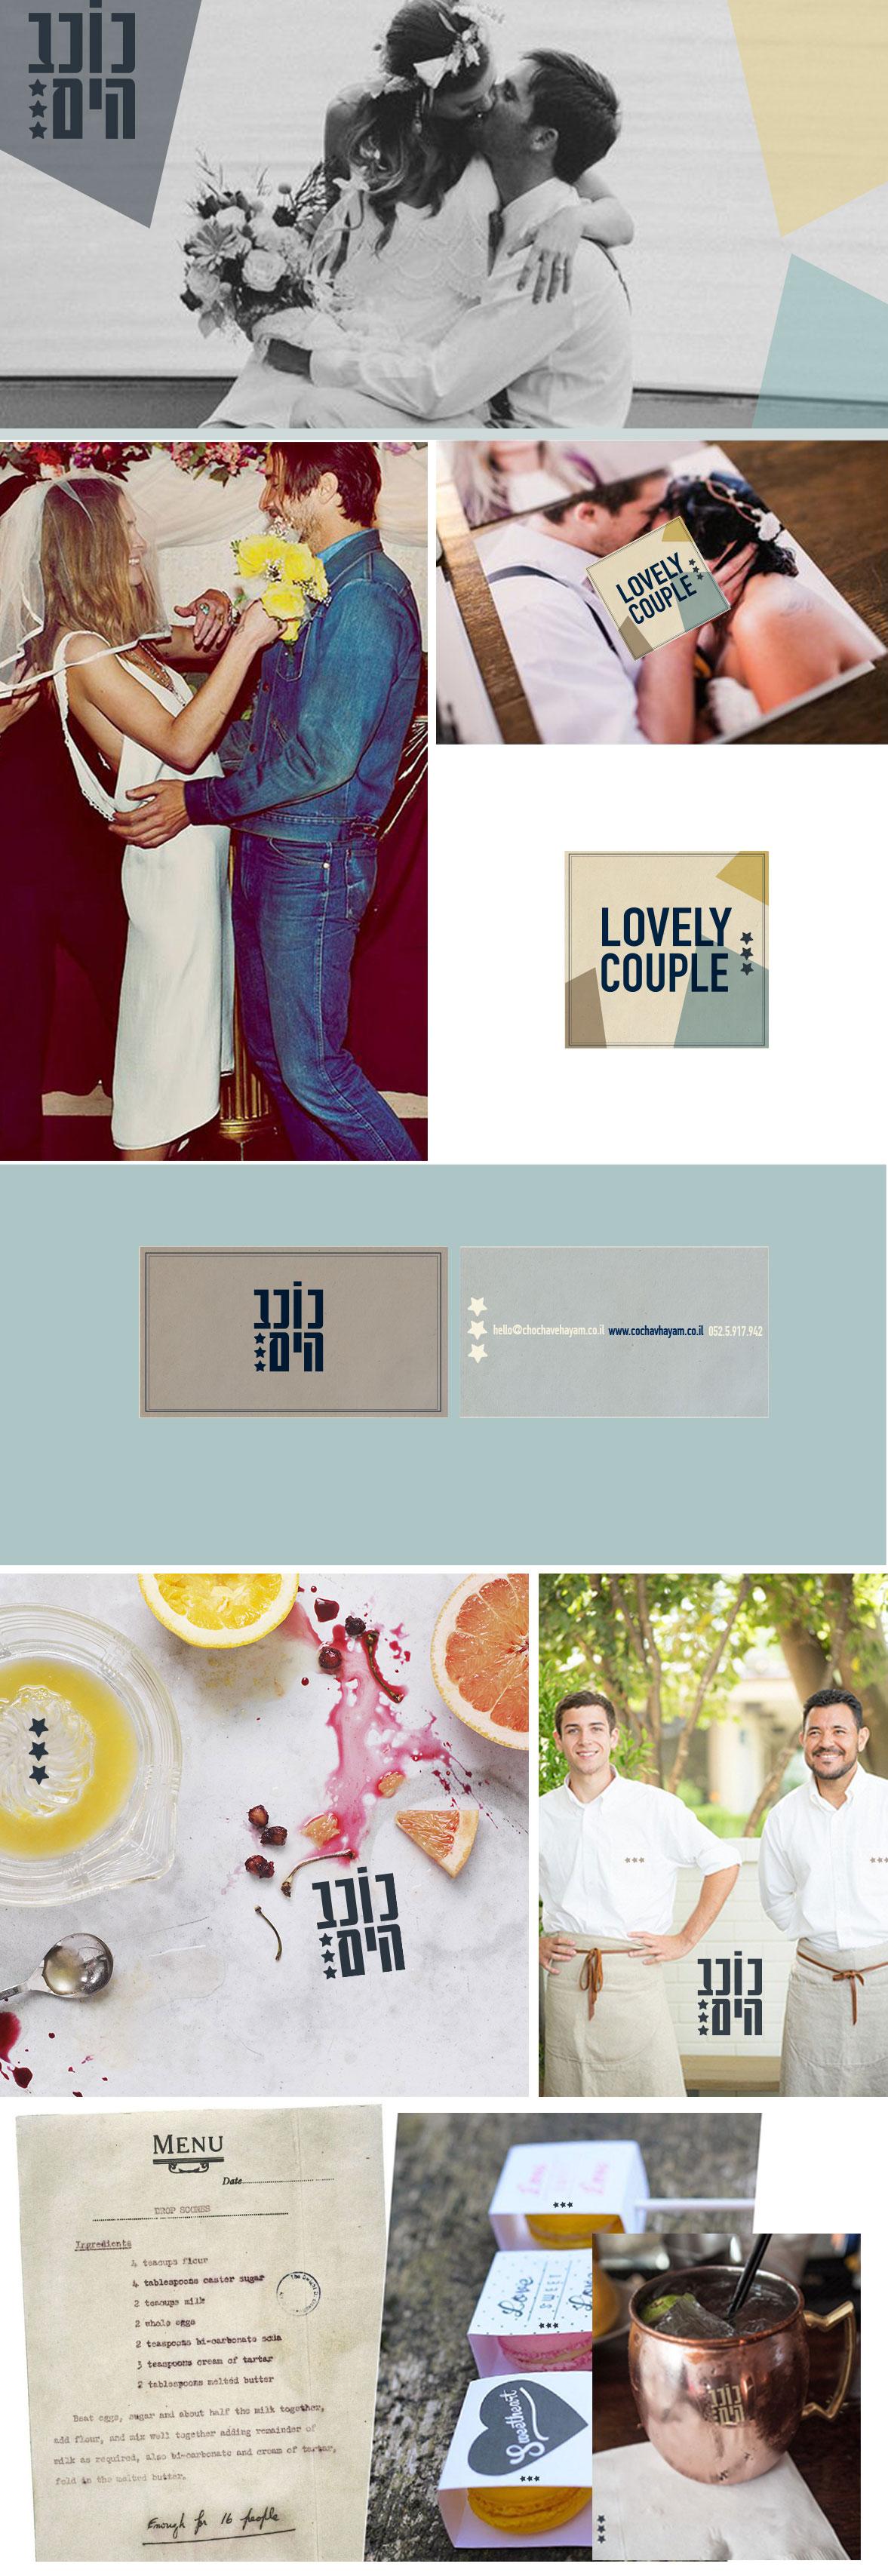 BrandLook_WeddingEvents_Branding_NotFromHere